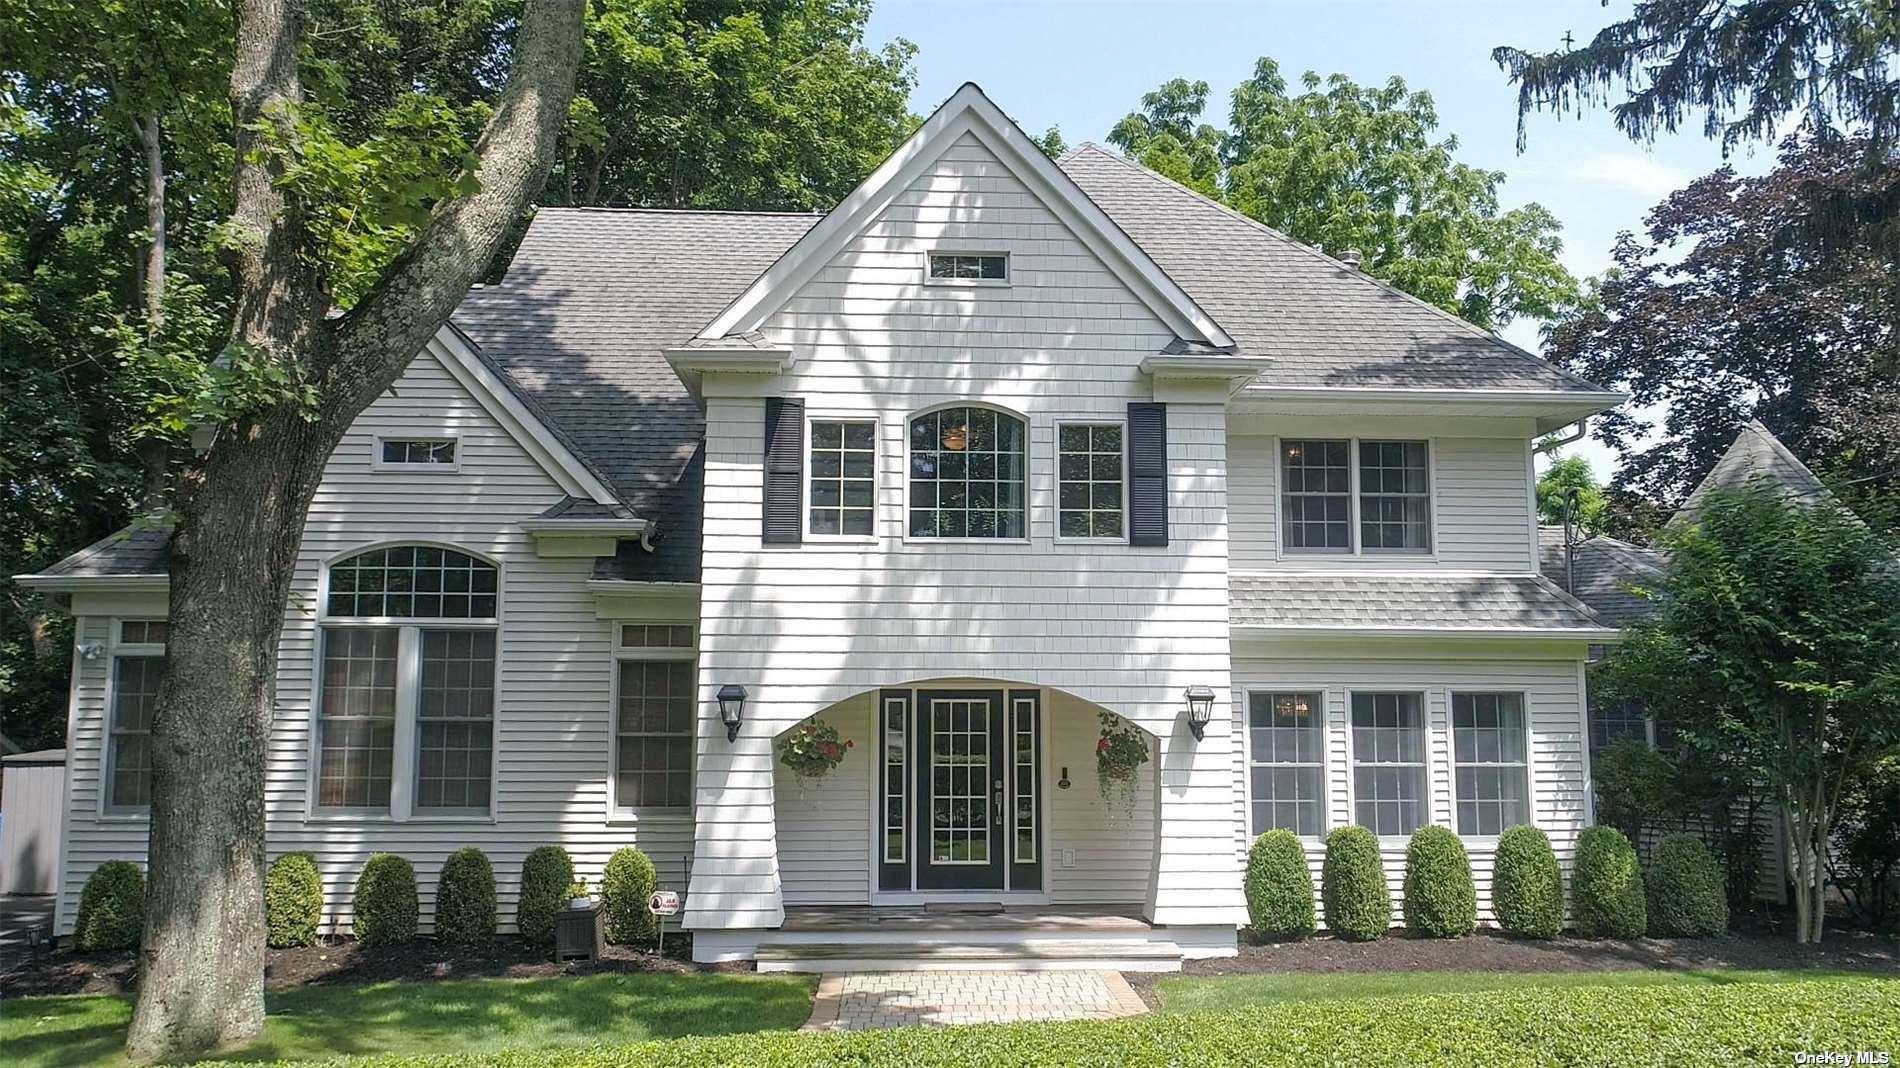 9 Wardencliff Road, Shoreham, NY 11786 - MLS#: 3330294